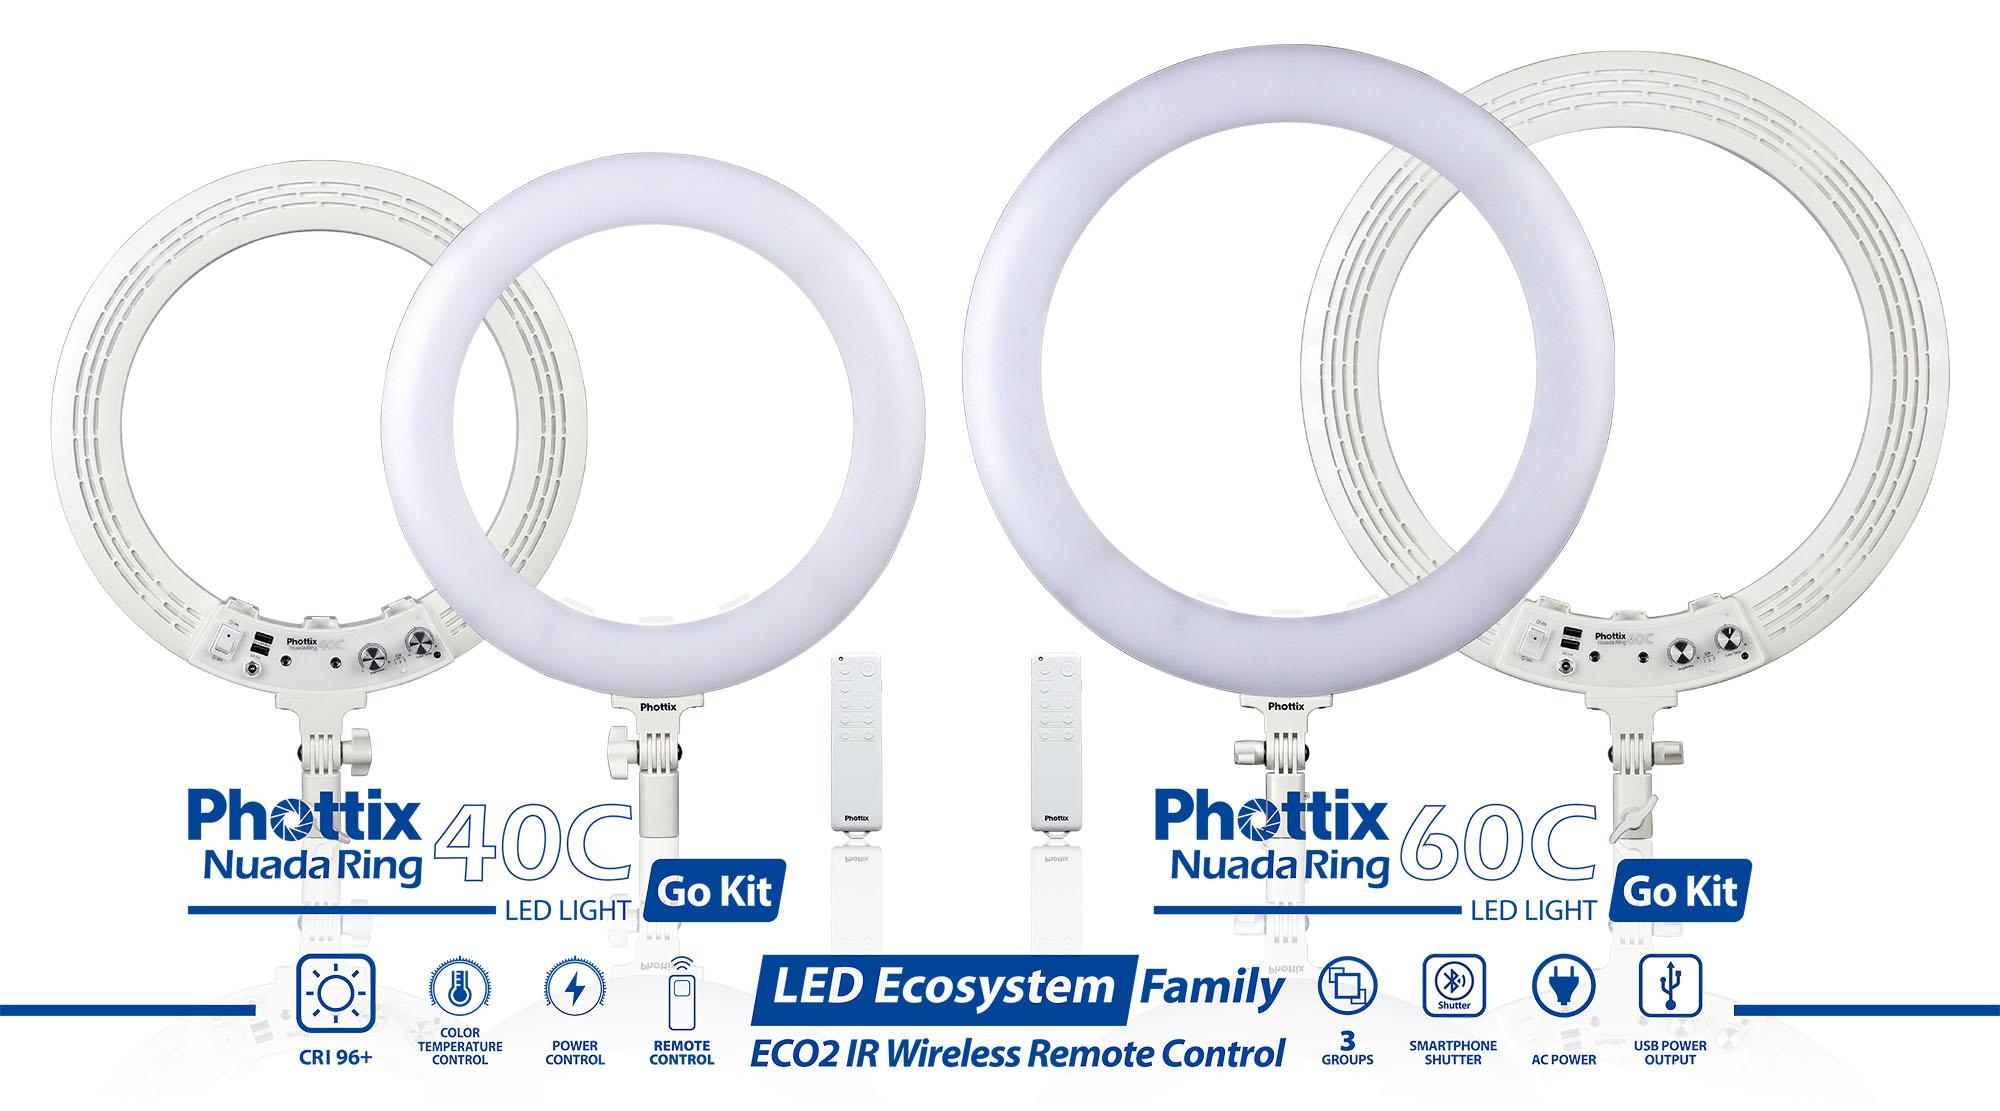 phottix led ecosystem Nuada ring40c 60c